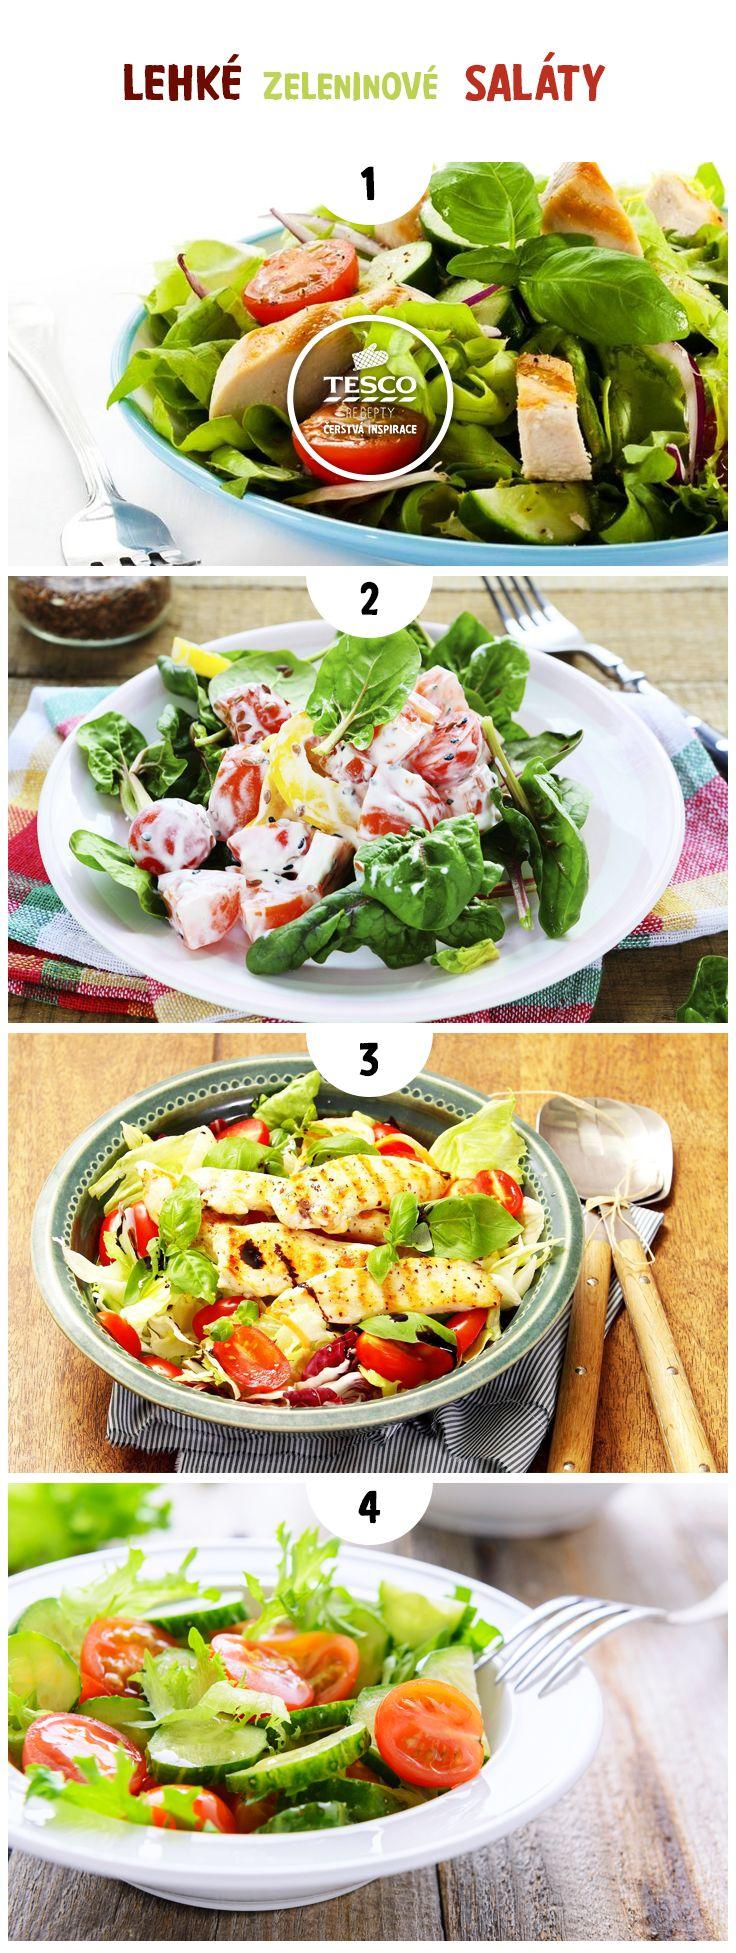 Lehké zeleninové saláty pro horké letní dny!